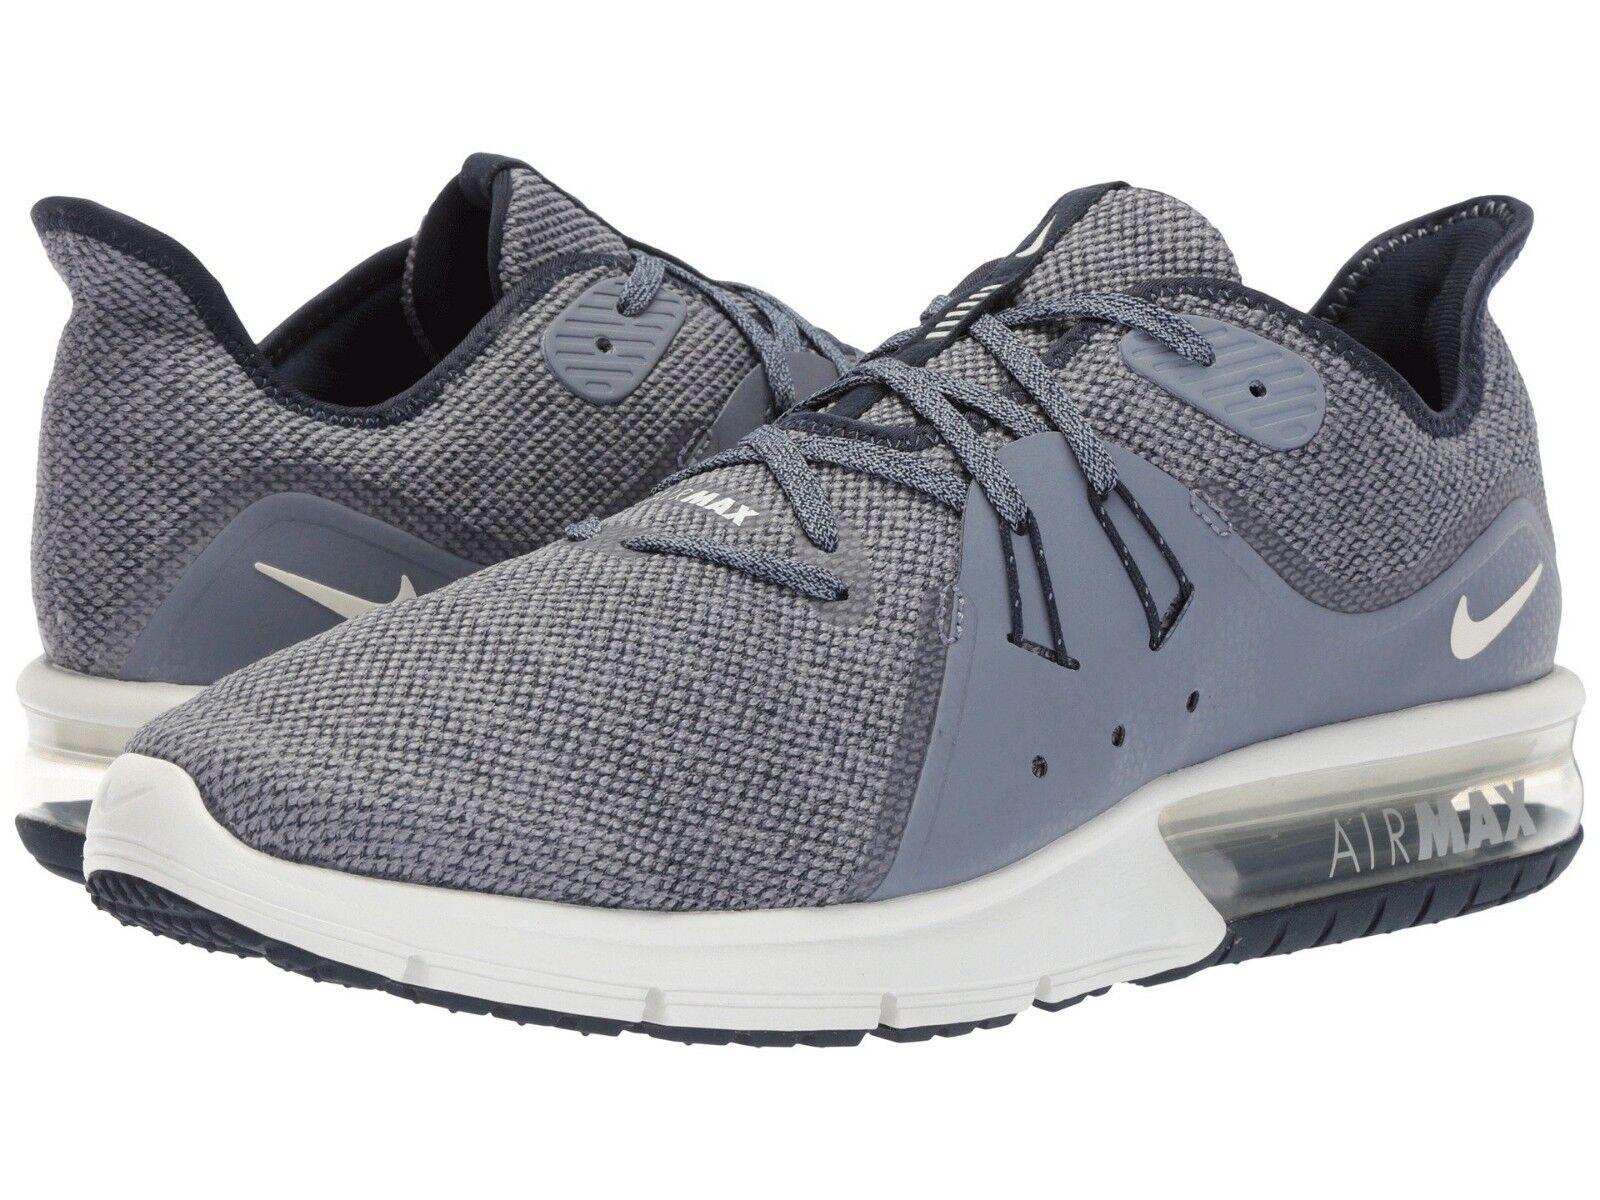 Nike air max successivi 3 3 successivi obsidan vertice bianco e blu 7 m pennino 100 uomini scarpe da corsa 2b399d